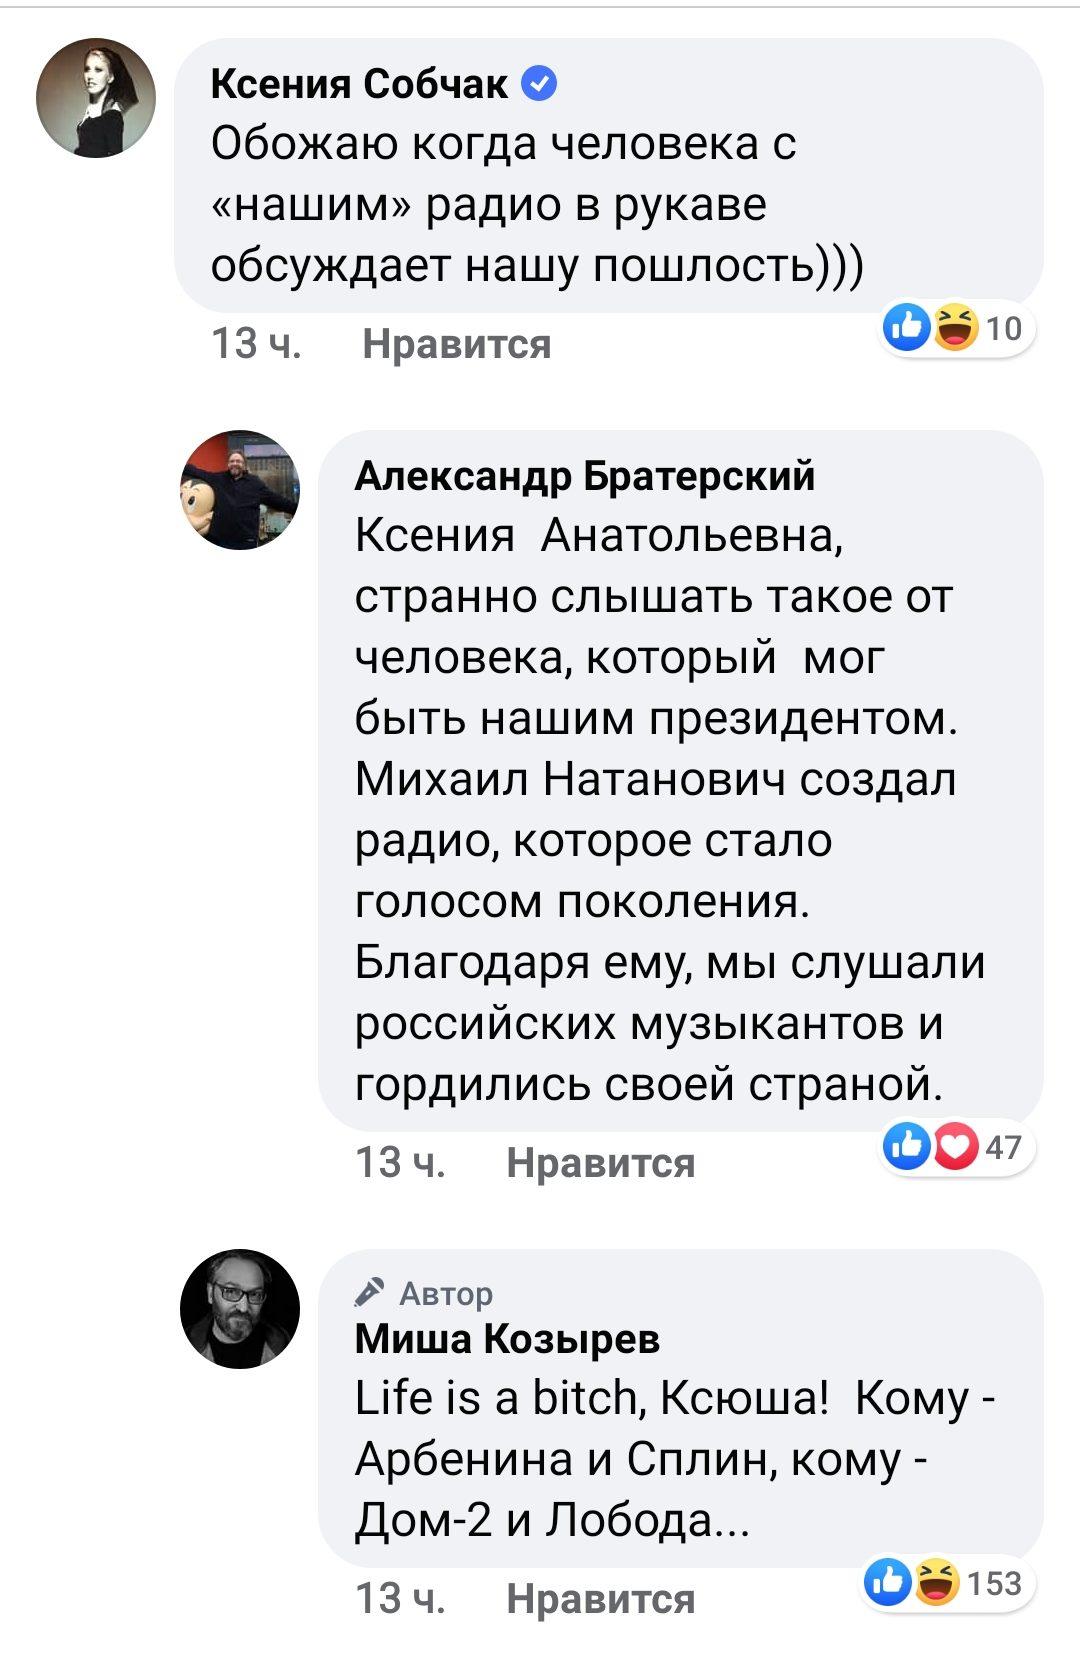 Фото: Facebook/ Миша Козырев